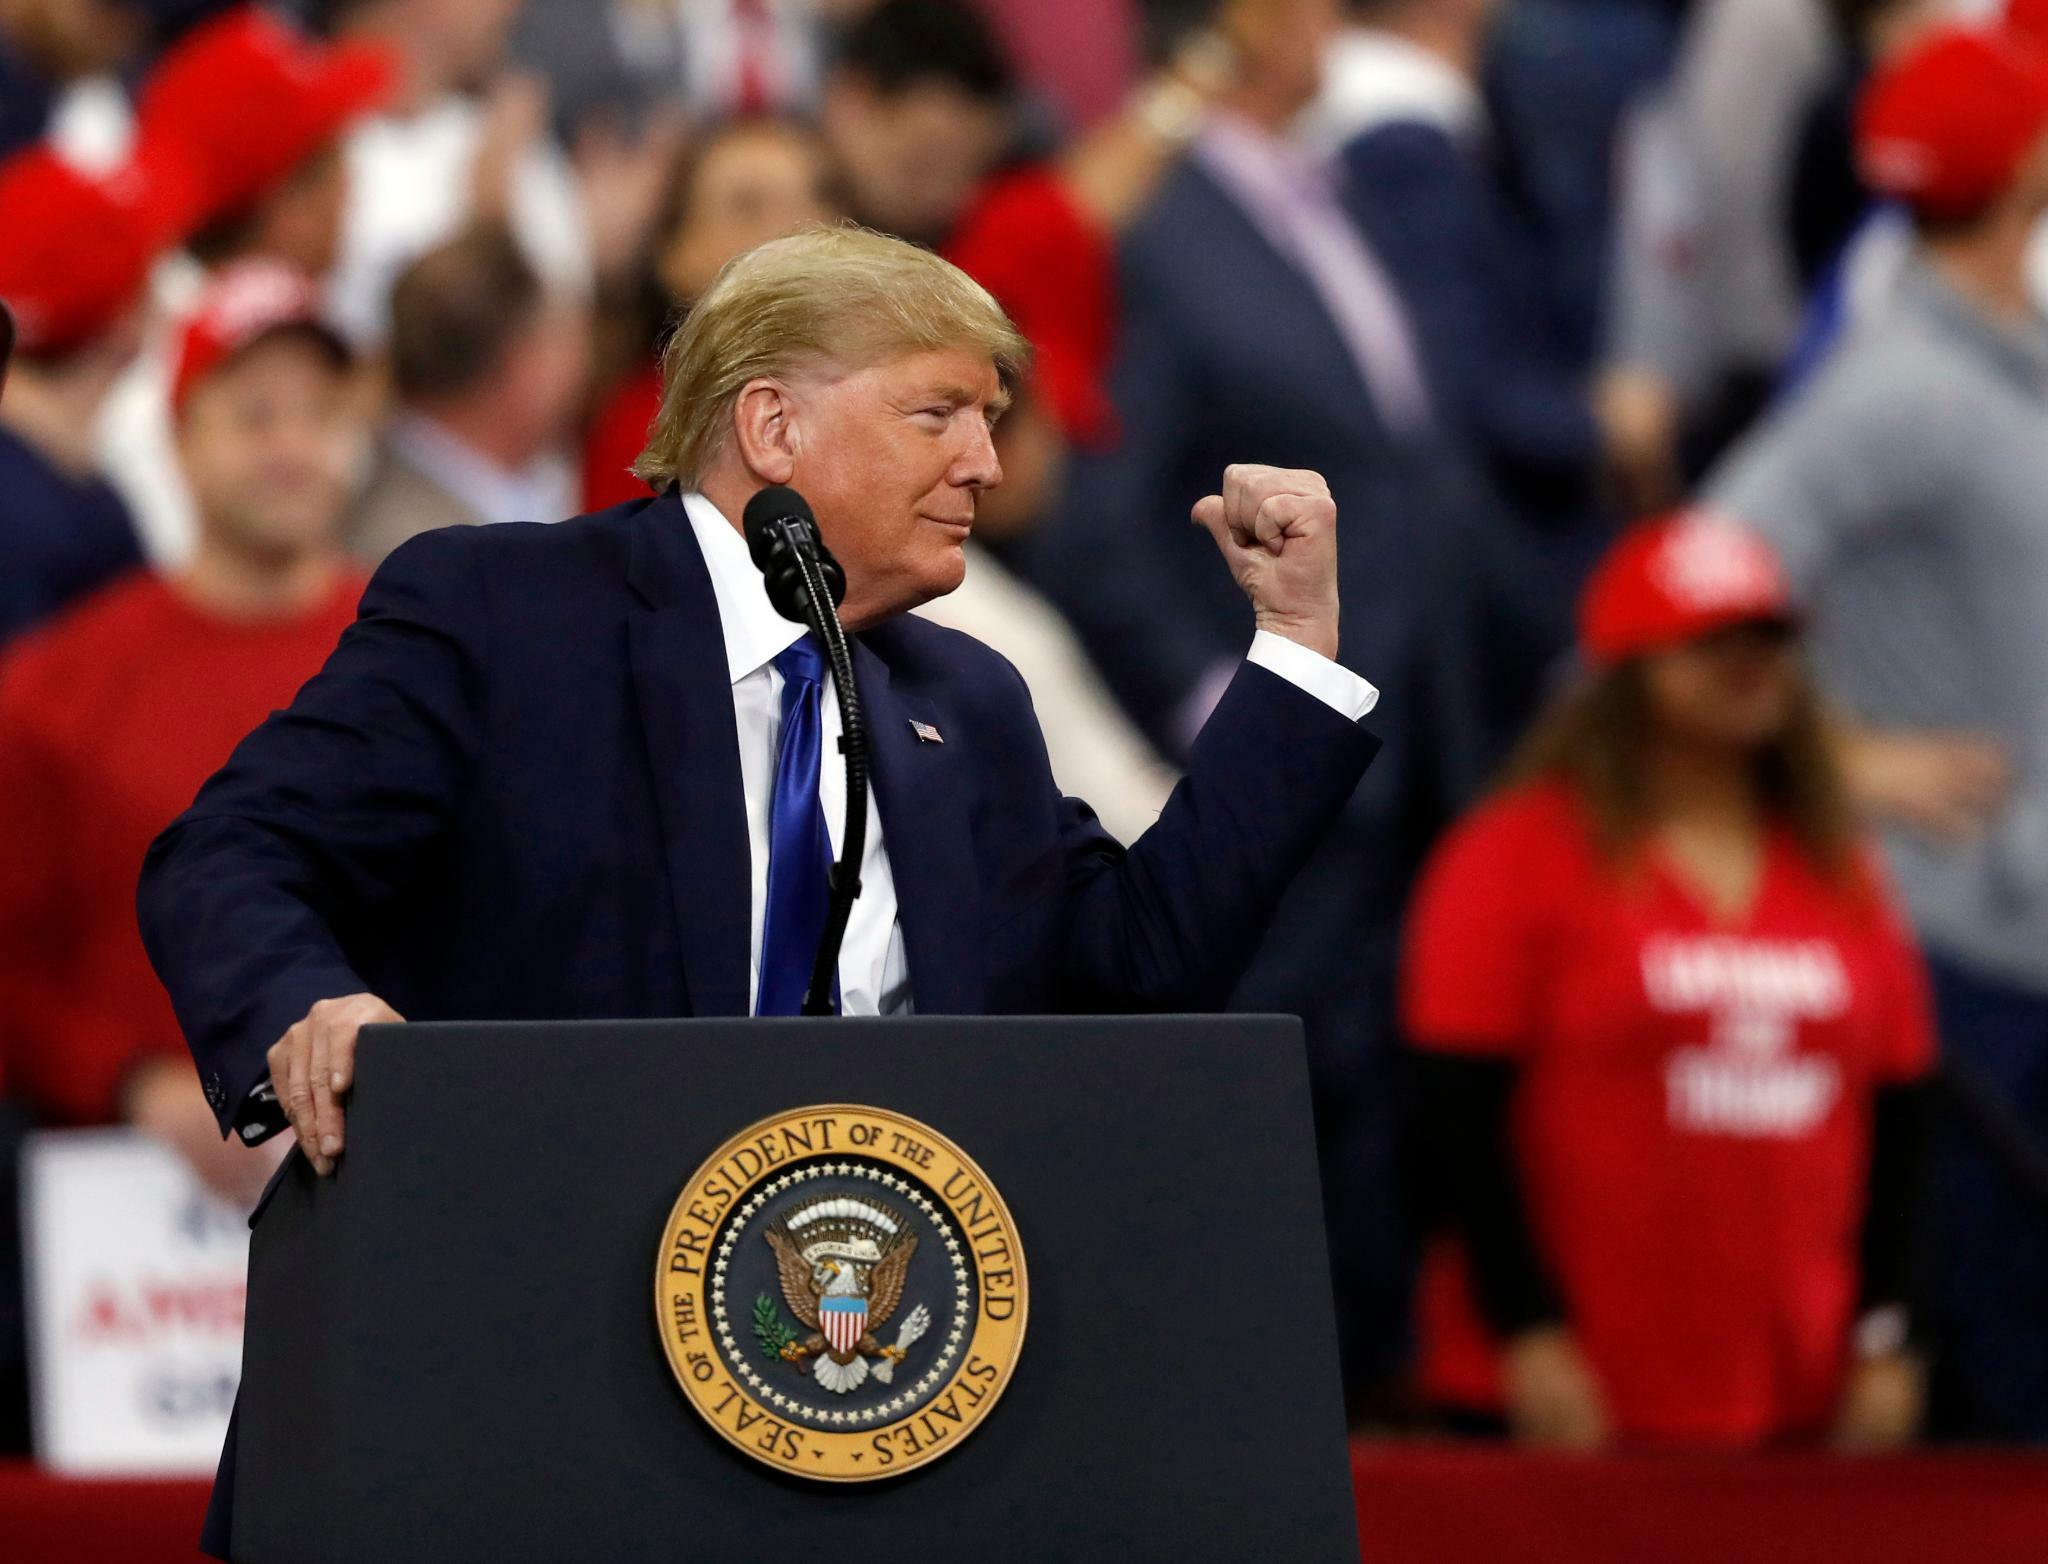 Nach Vorladung des Senats: Trumps Verteidigung wertet Impeachment als Attacke auf Präsidenten